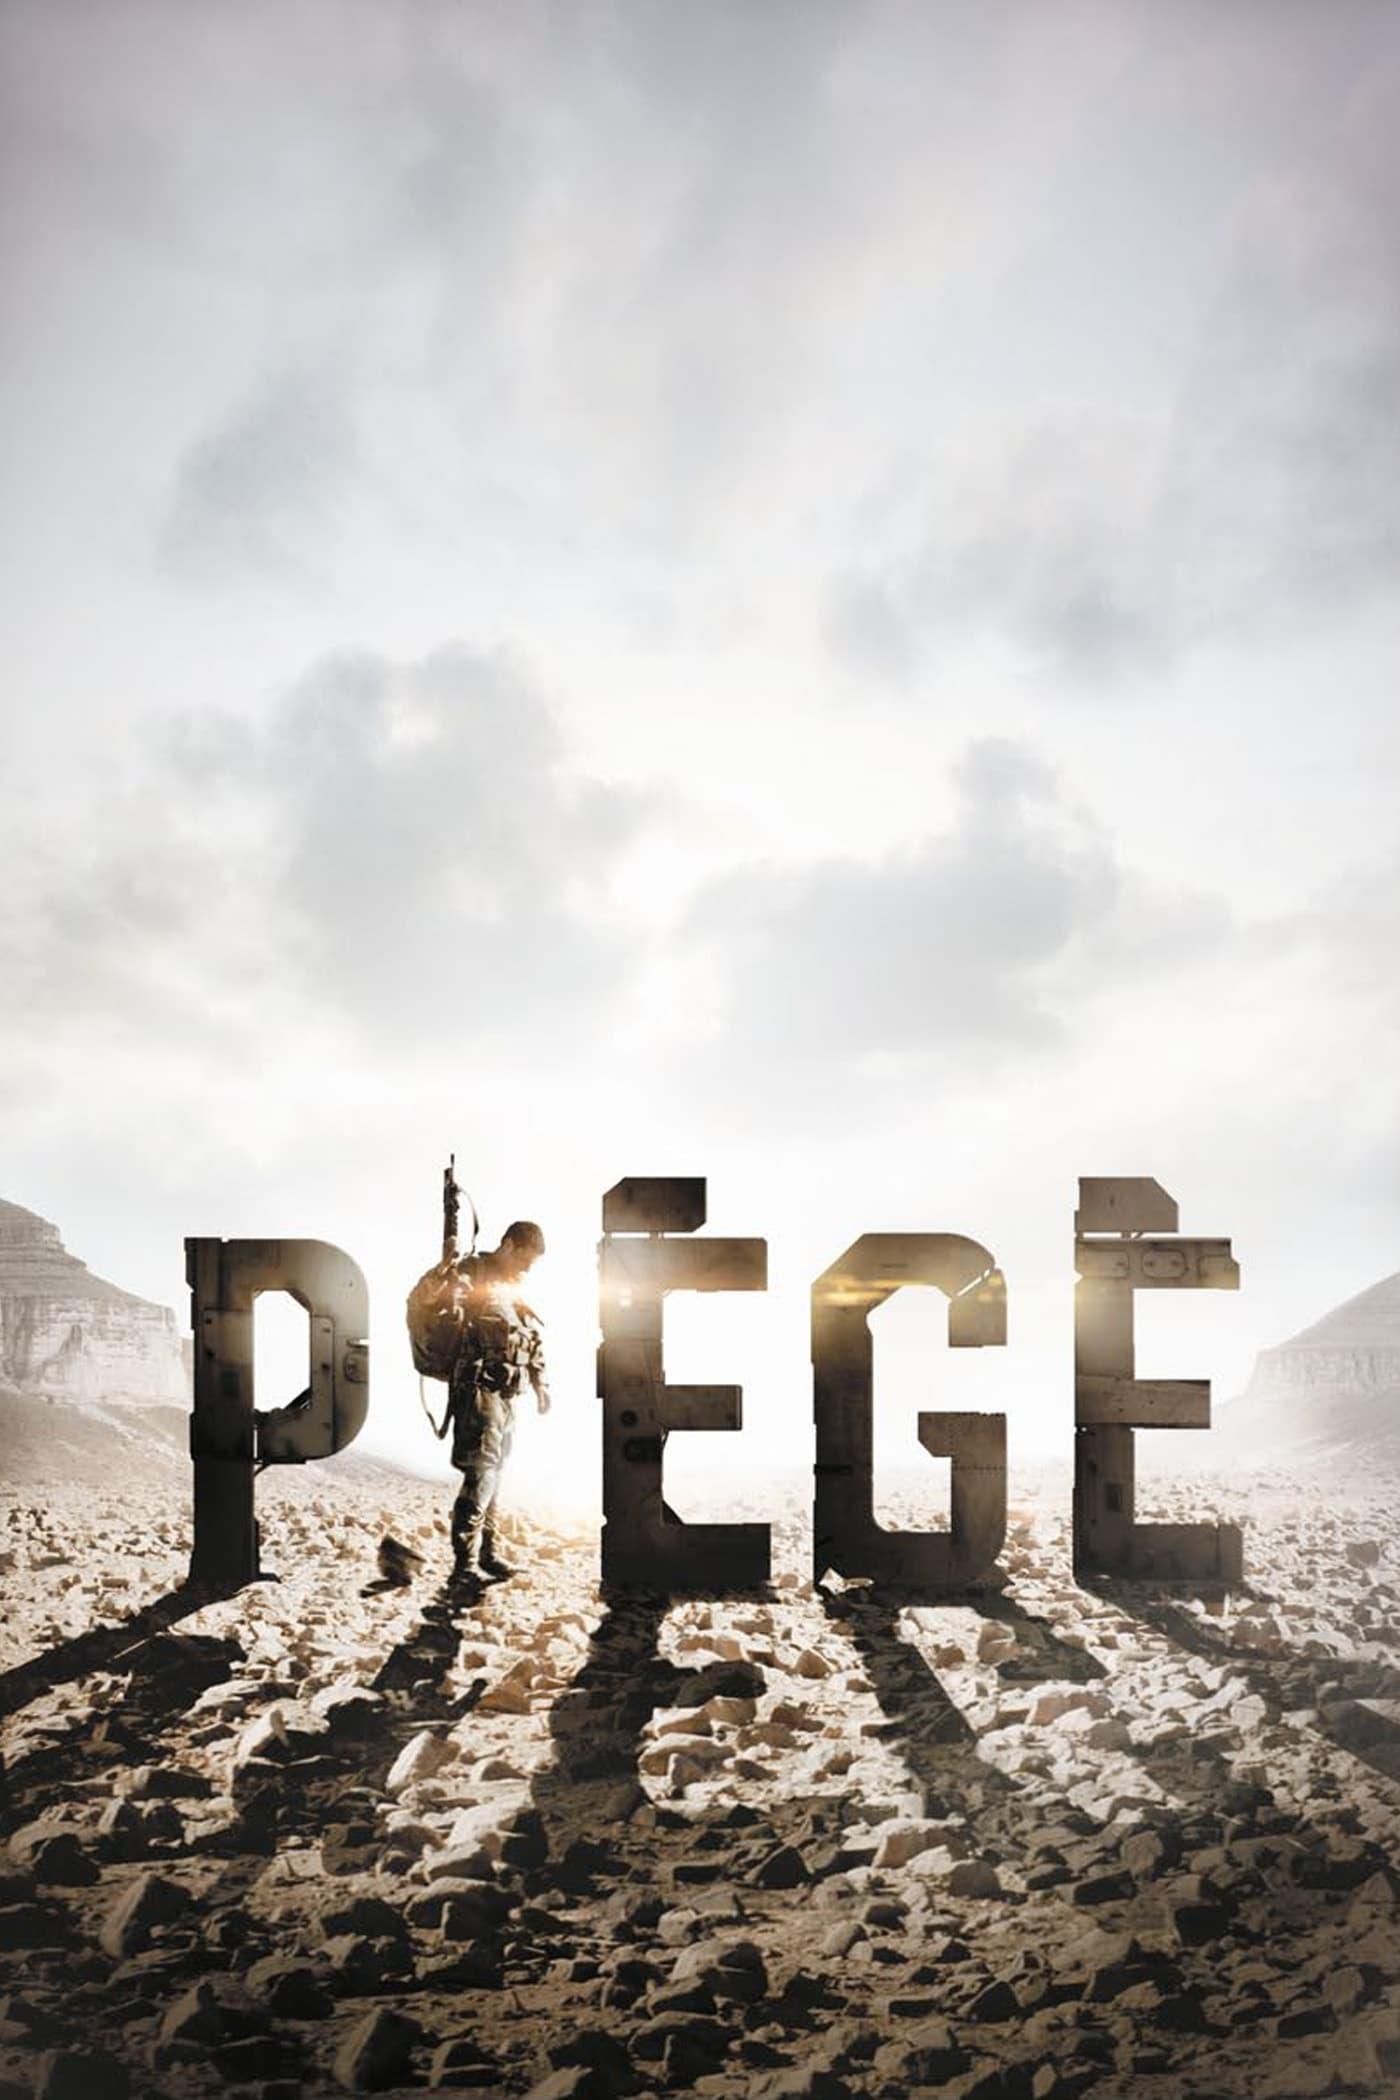 Piege